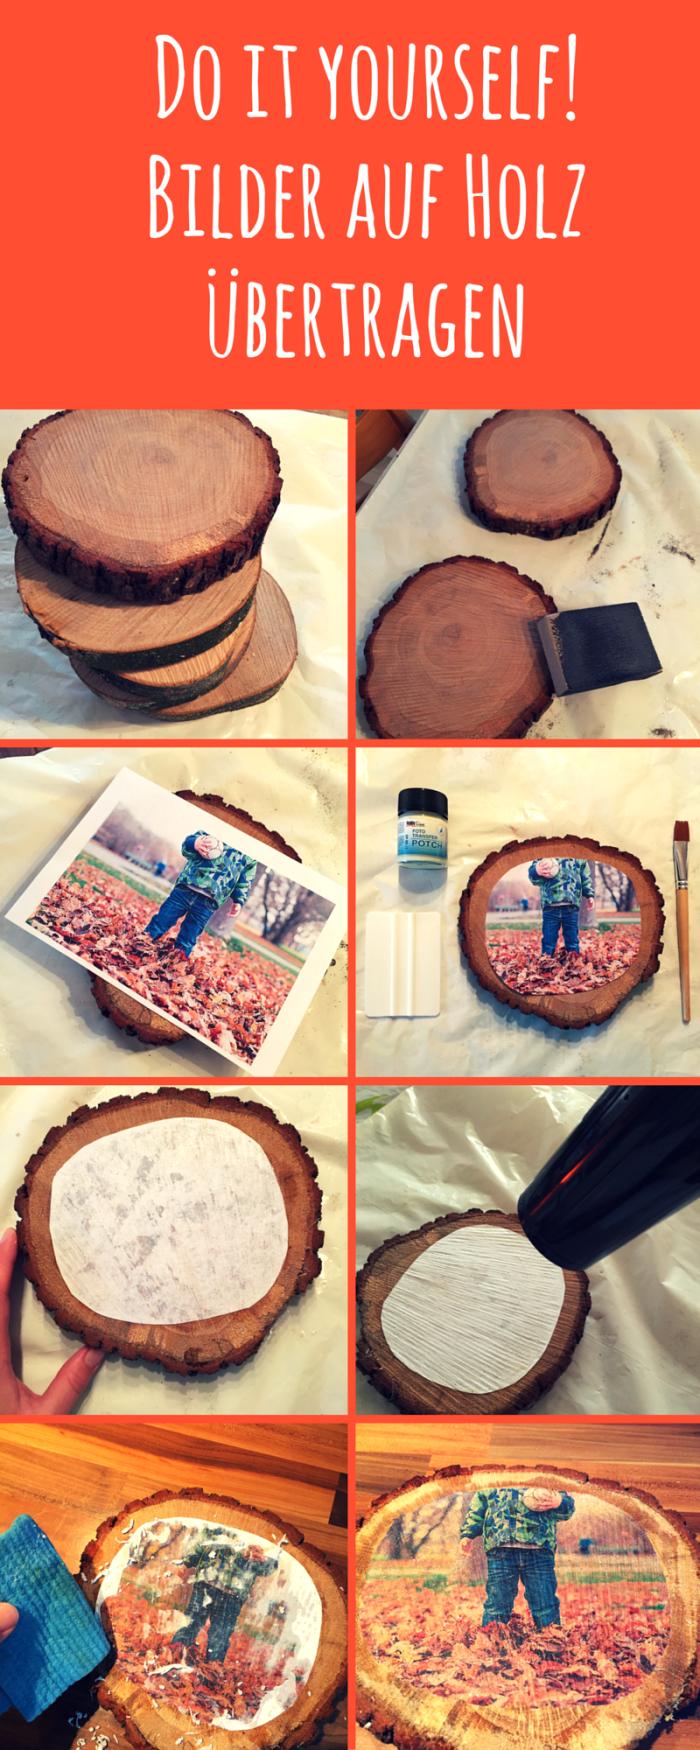 Fotos Bzw Bilder Auf Holz übertragen Die Anleitung Schönes Für